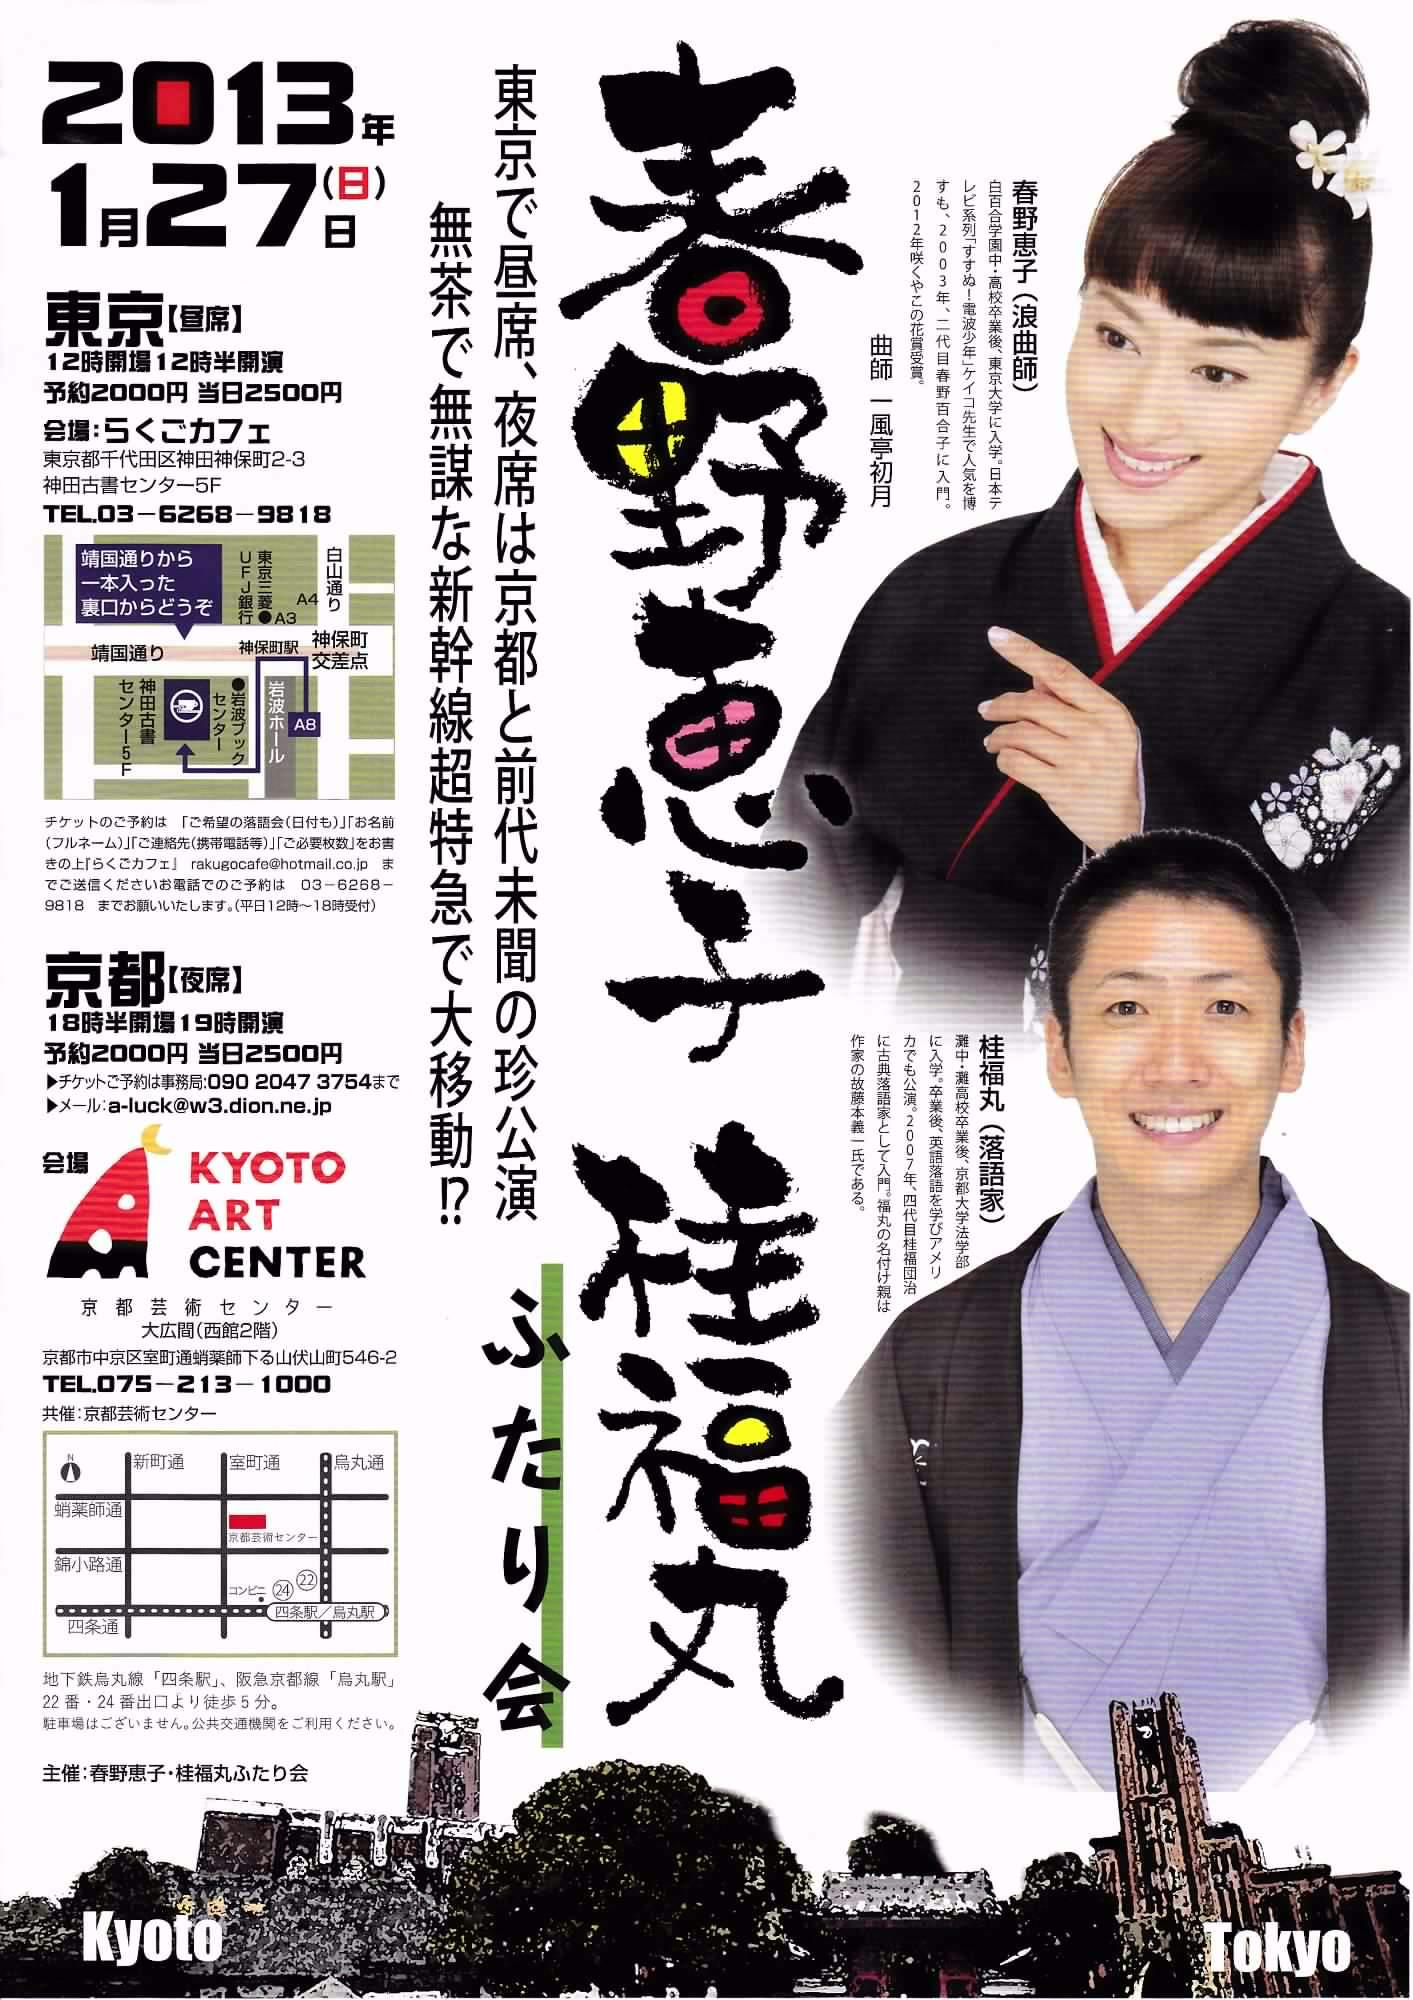 明日の「ふたり会」京都公演はまだ空席あります☆ブログ又はFB見たと仰っていただければ前売り料金に!!